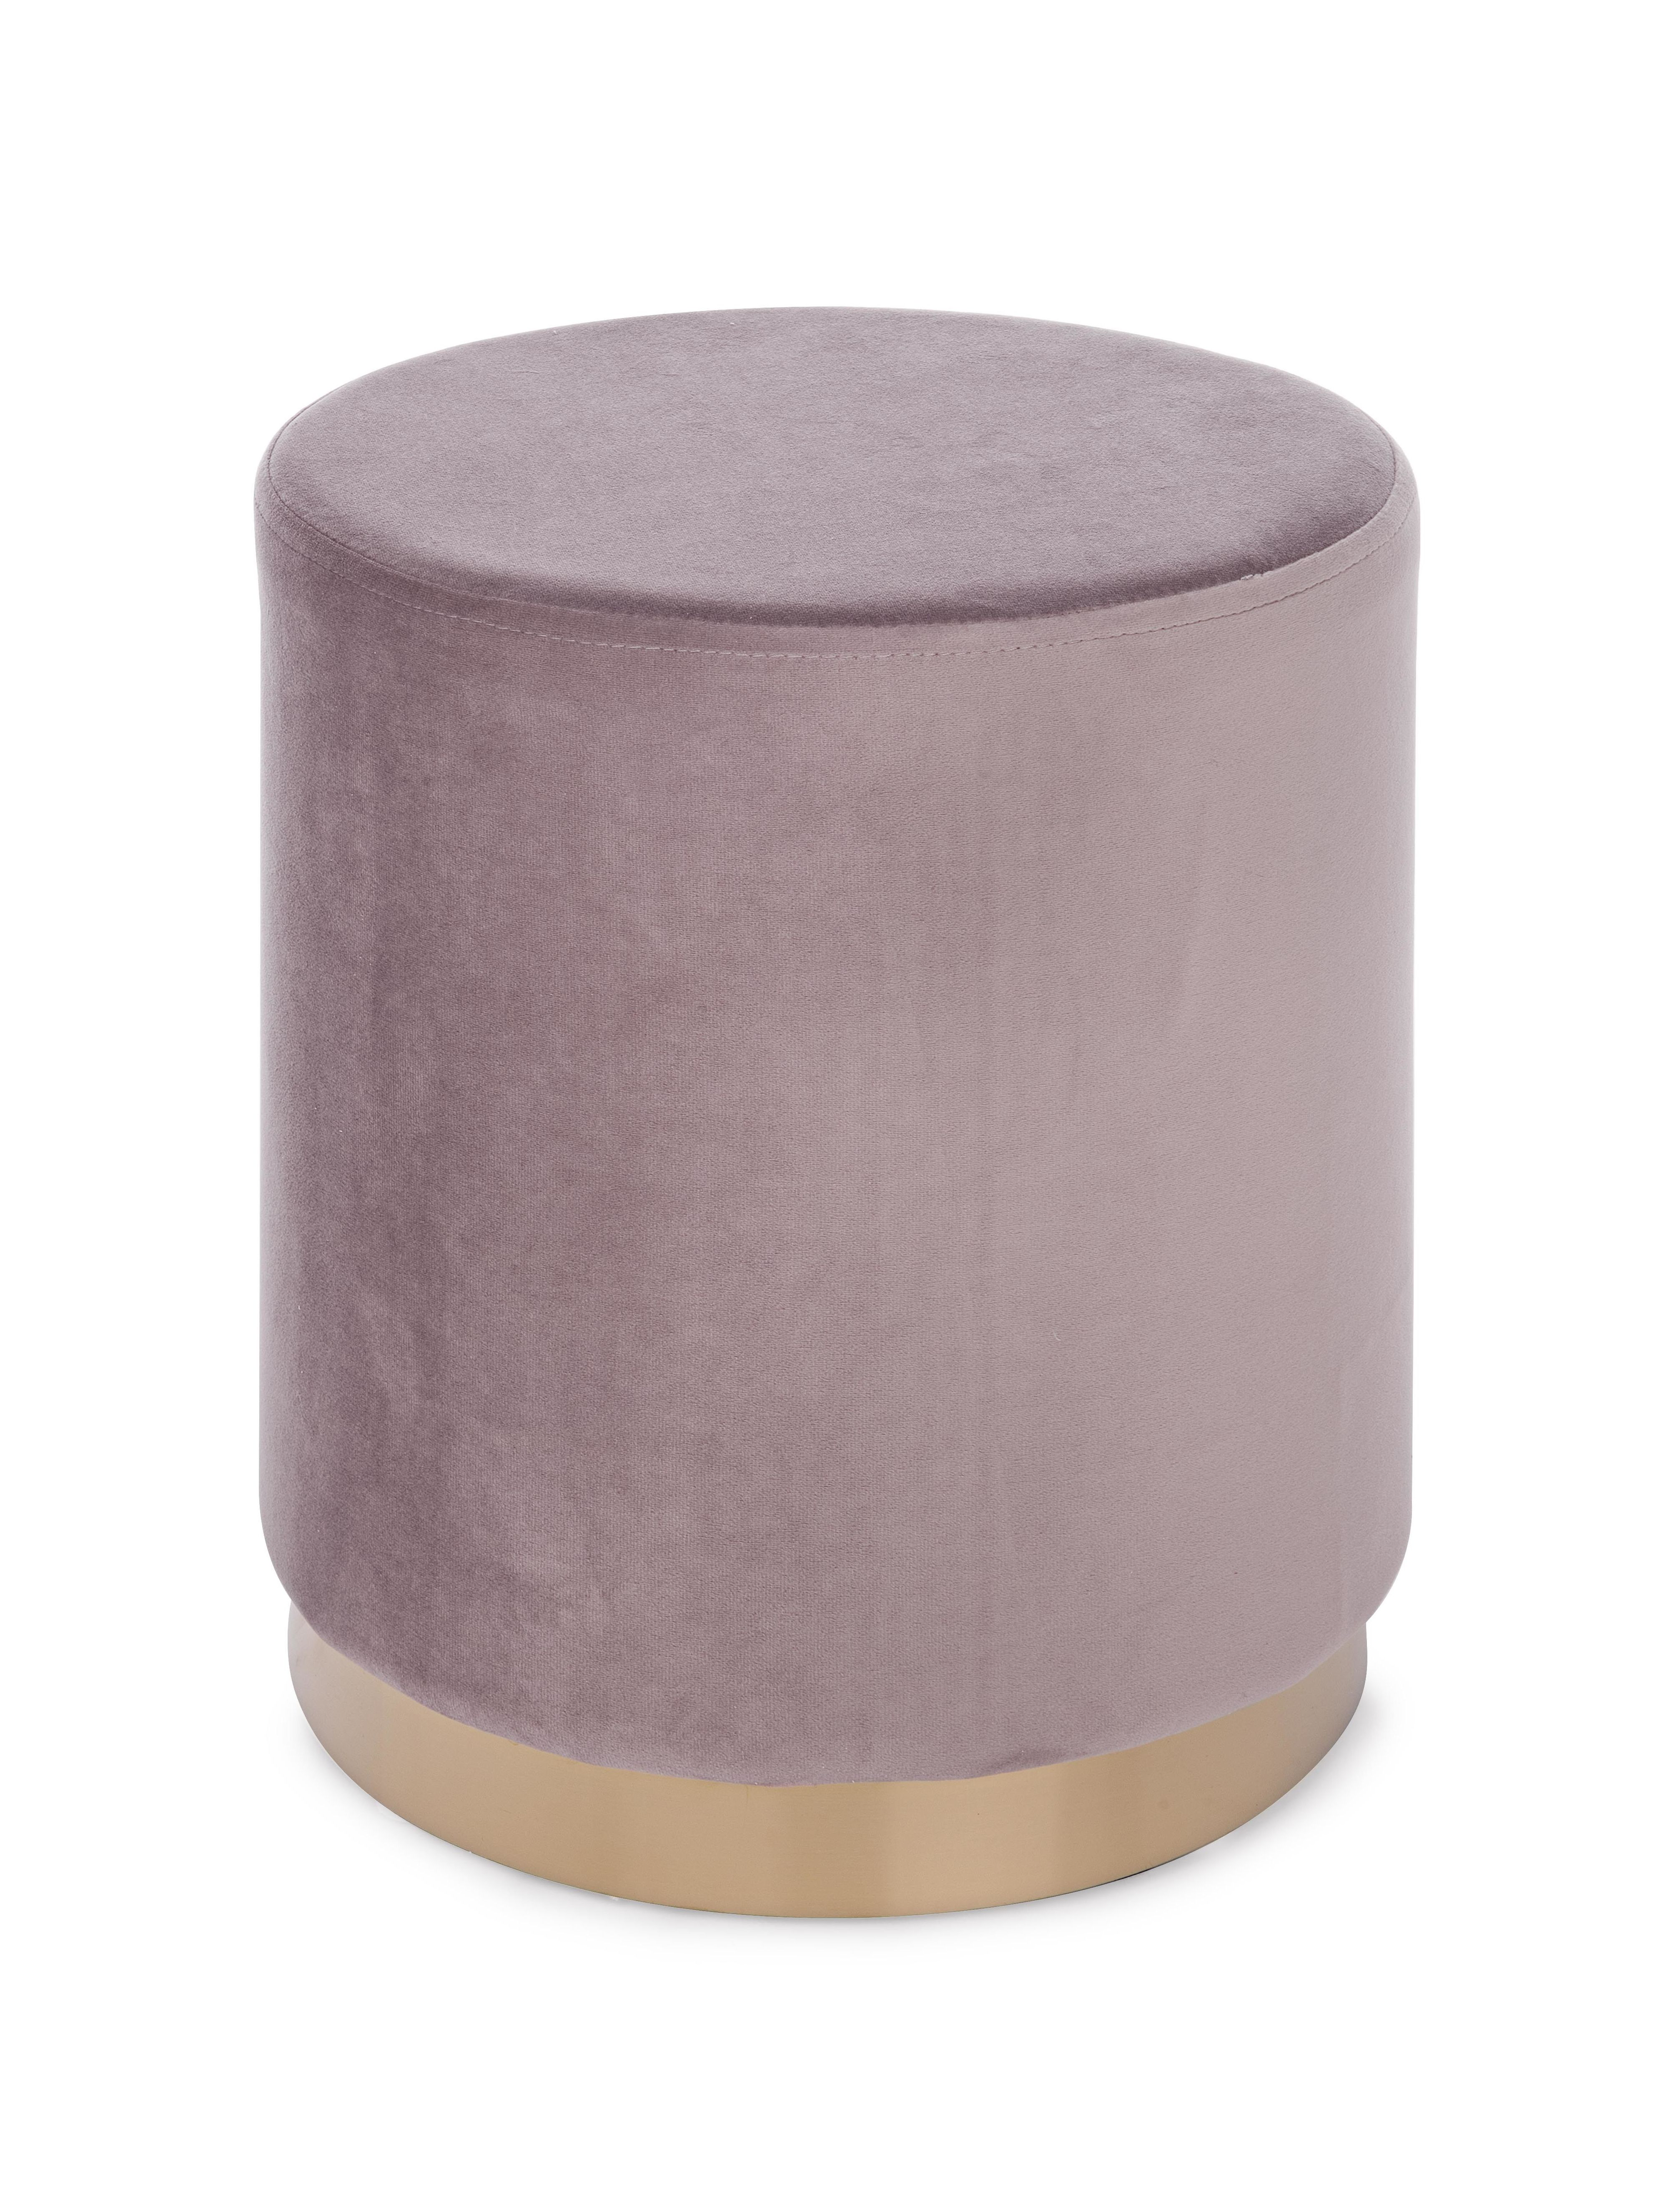 Colección de sillas: Tienda online  de COSCO. Tel 928988528